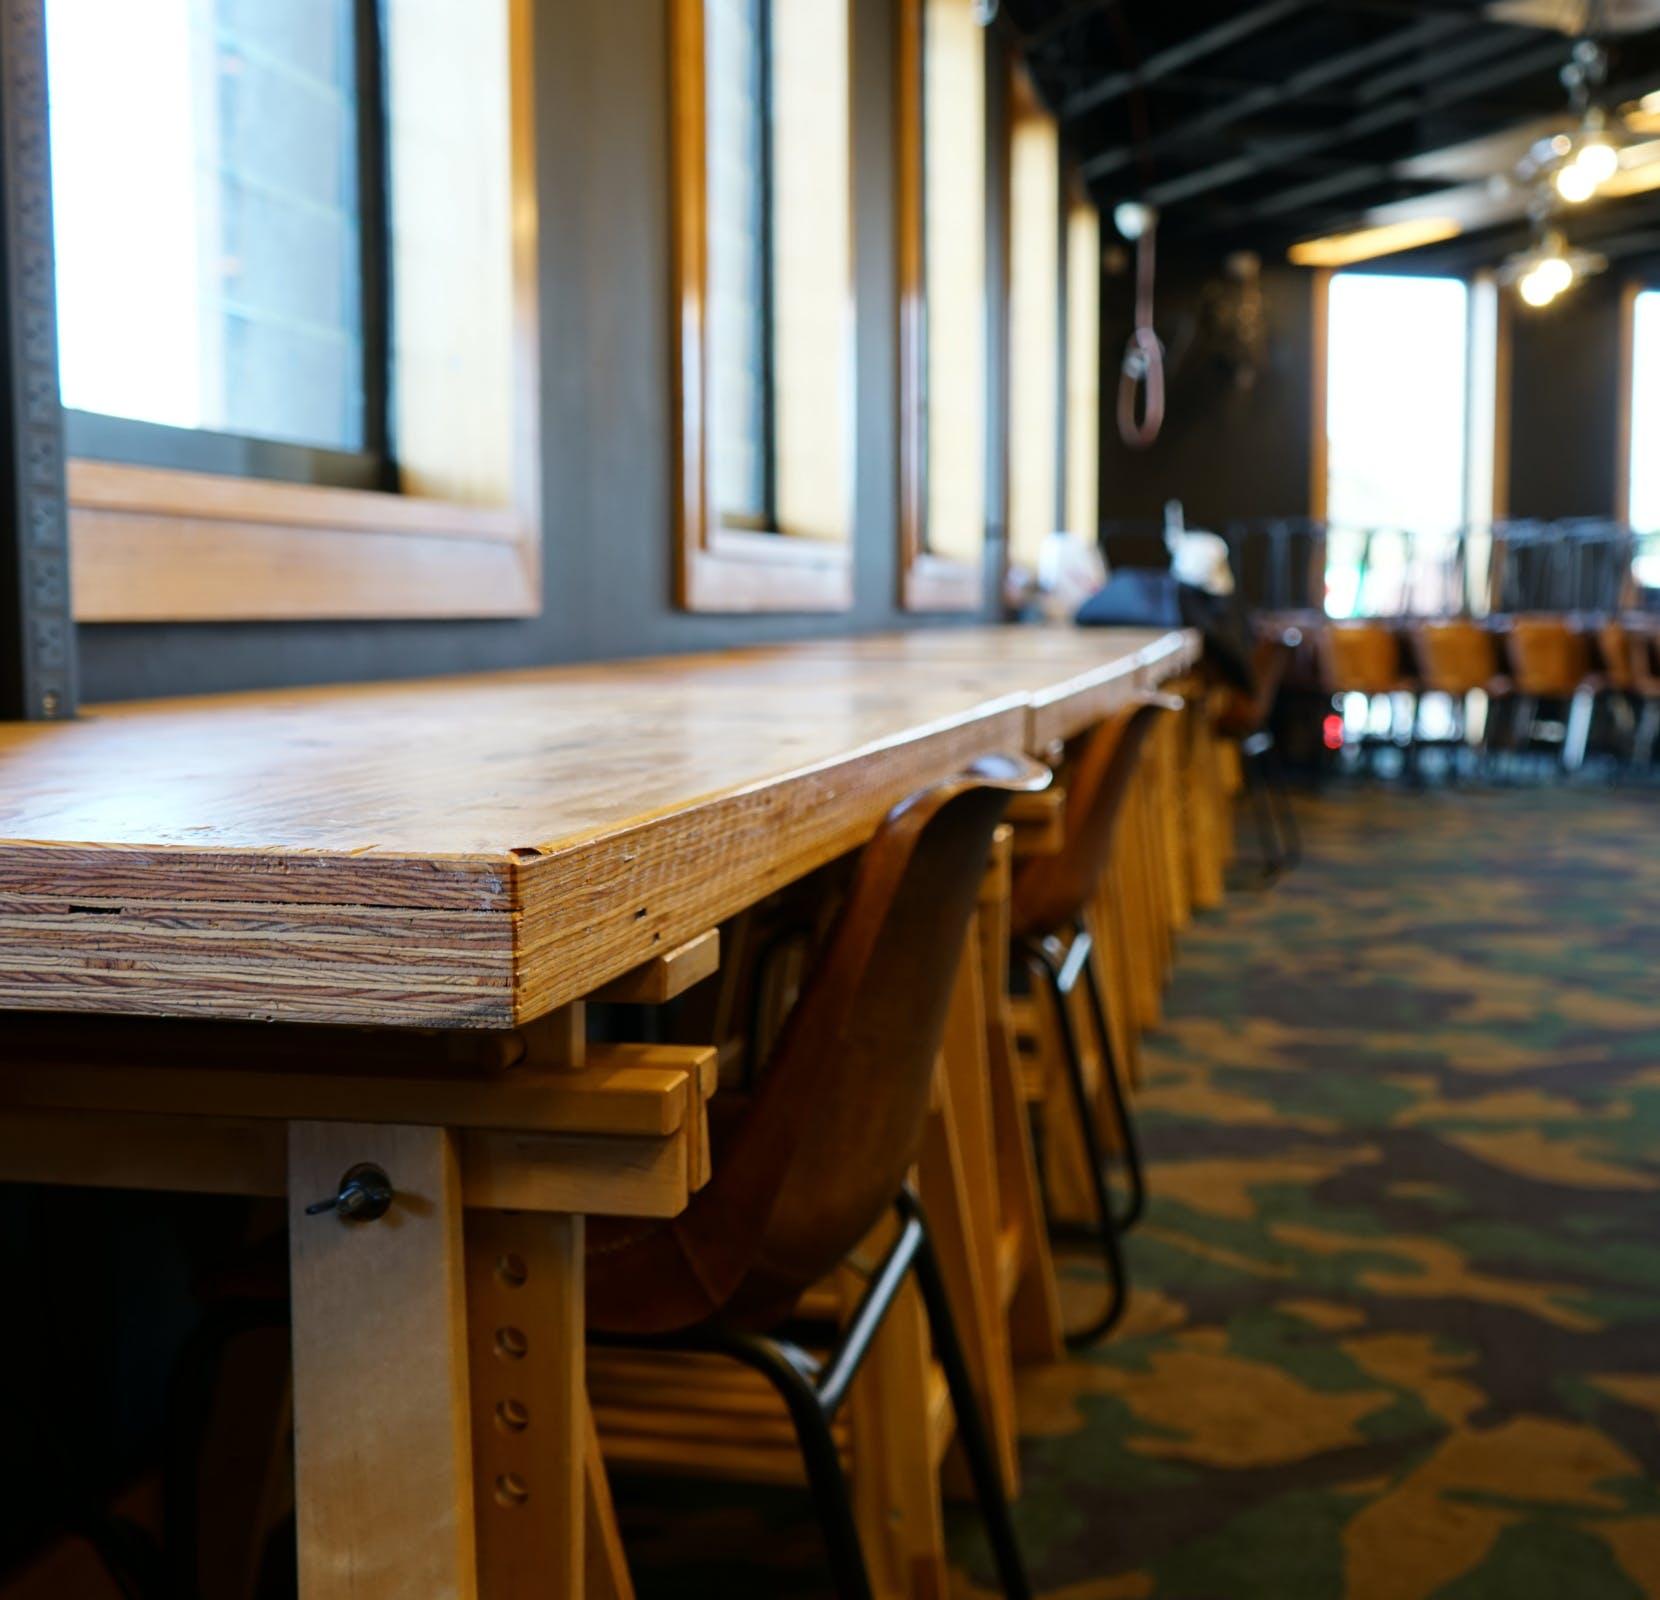 Hot desk at DeskPlex 3122, image 1